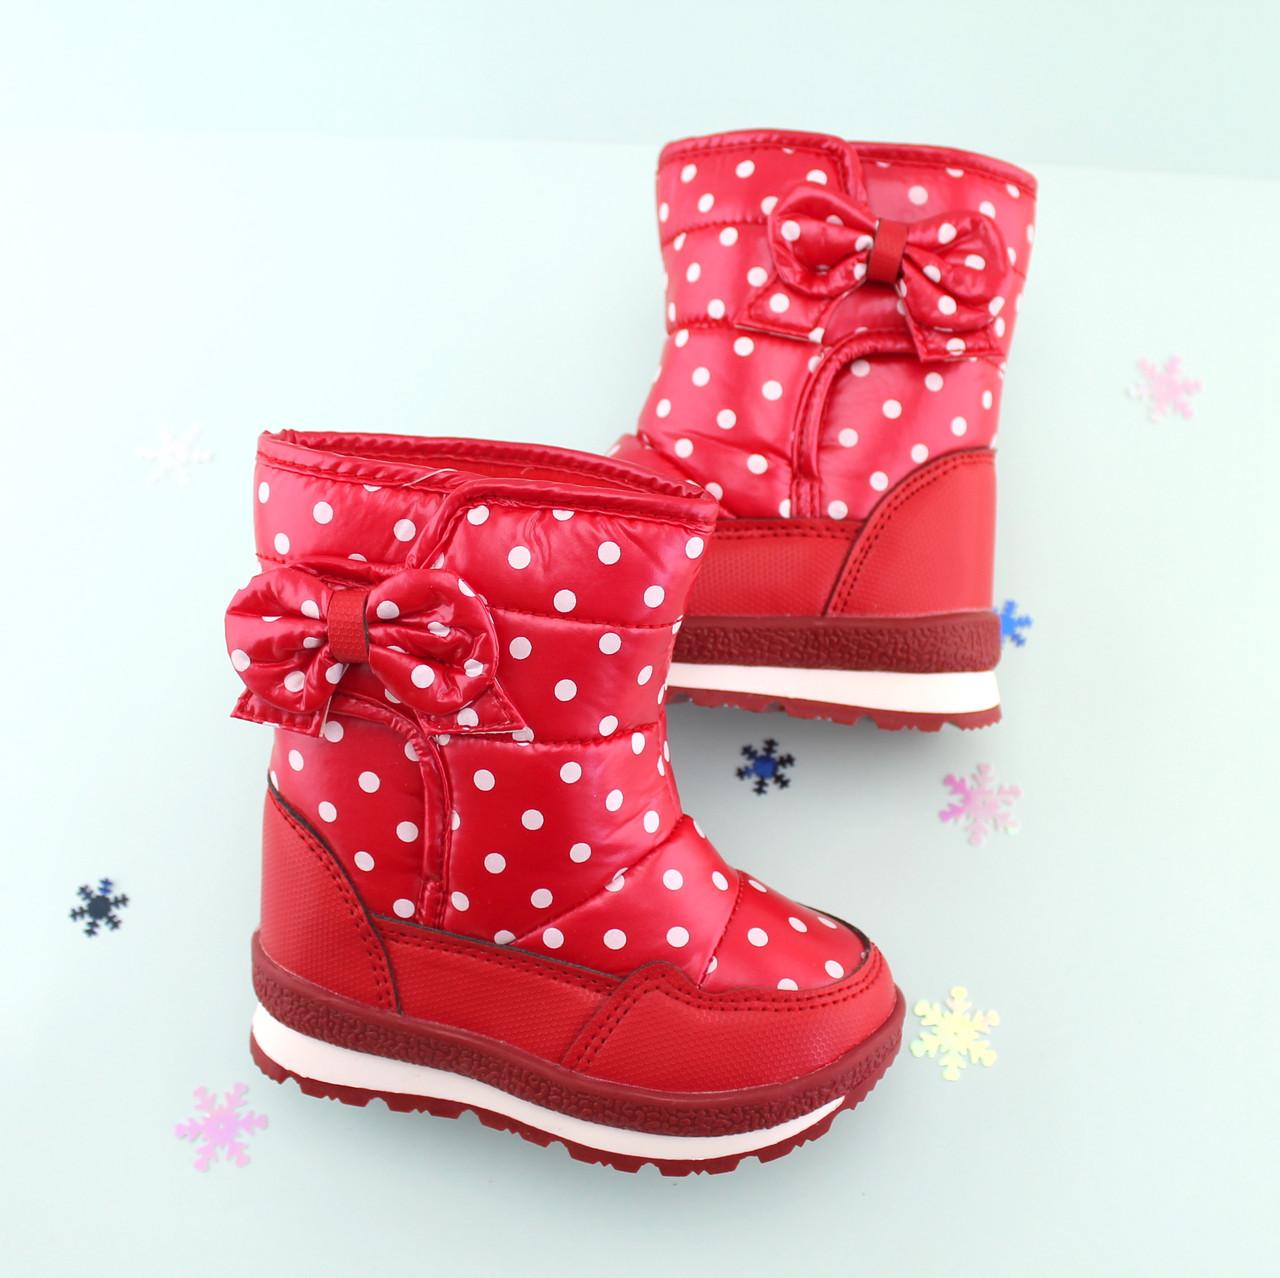 Детские термо сапоги на девочку Красные Том.м размер 30